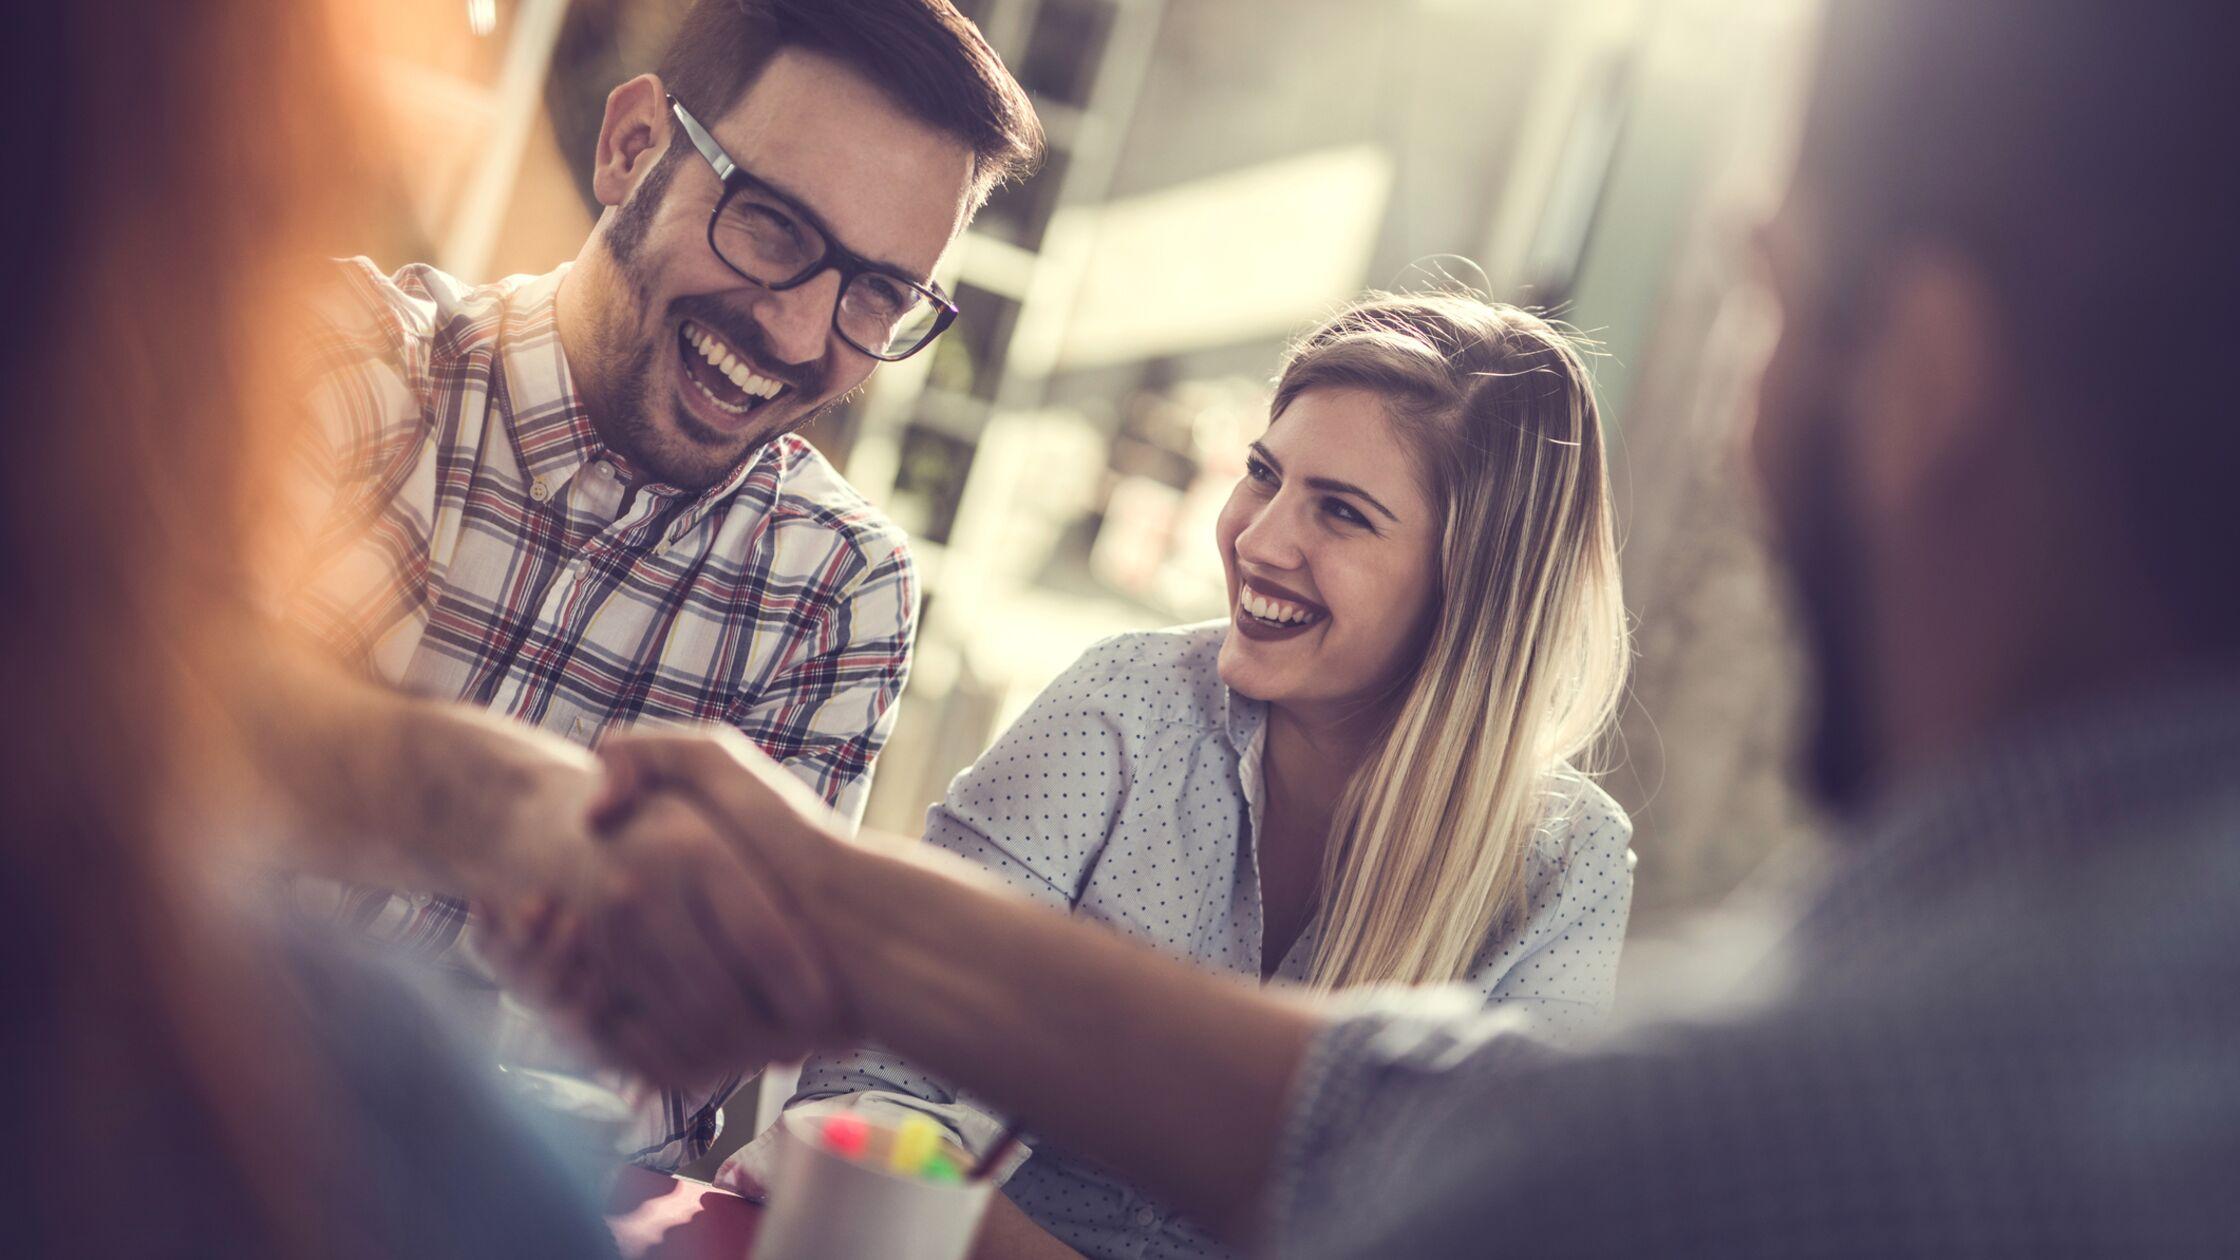 Mündlicher Mietvertrag: 5 wichtige Fakten